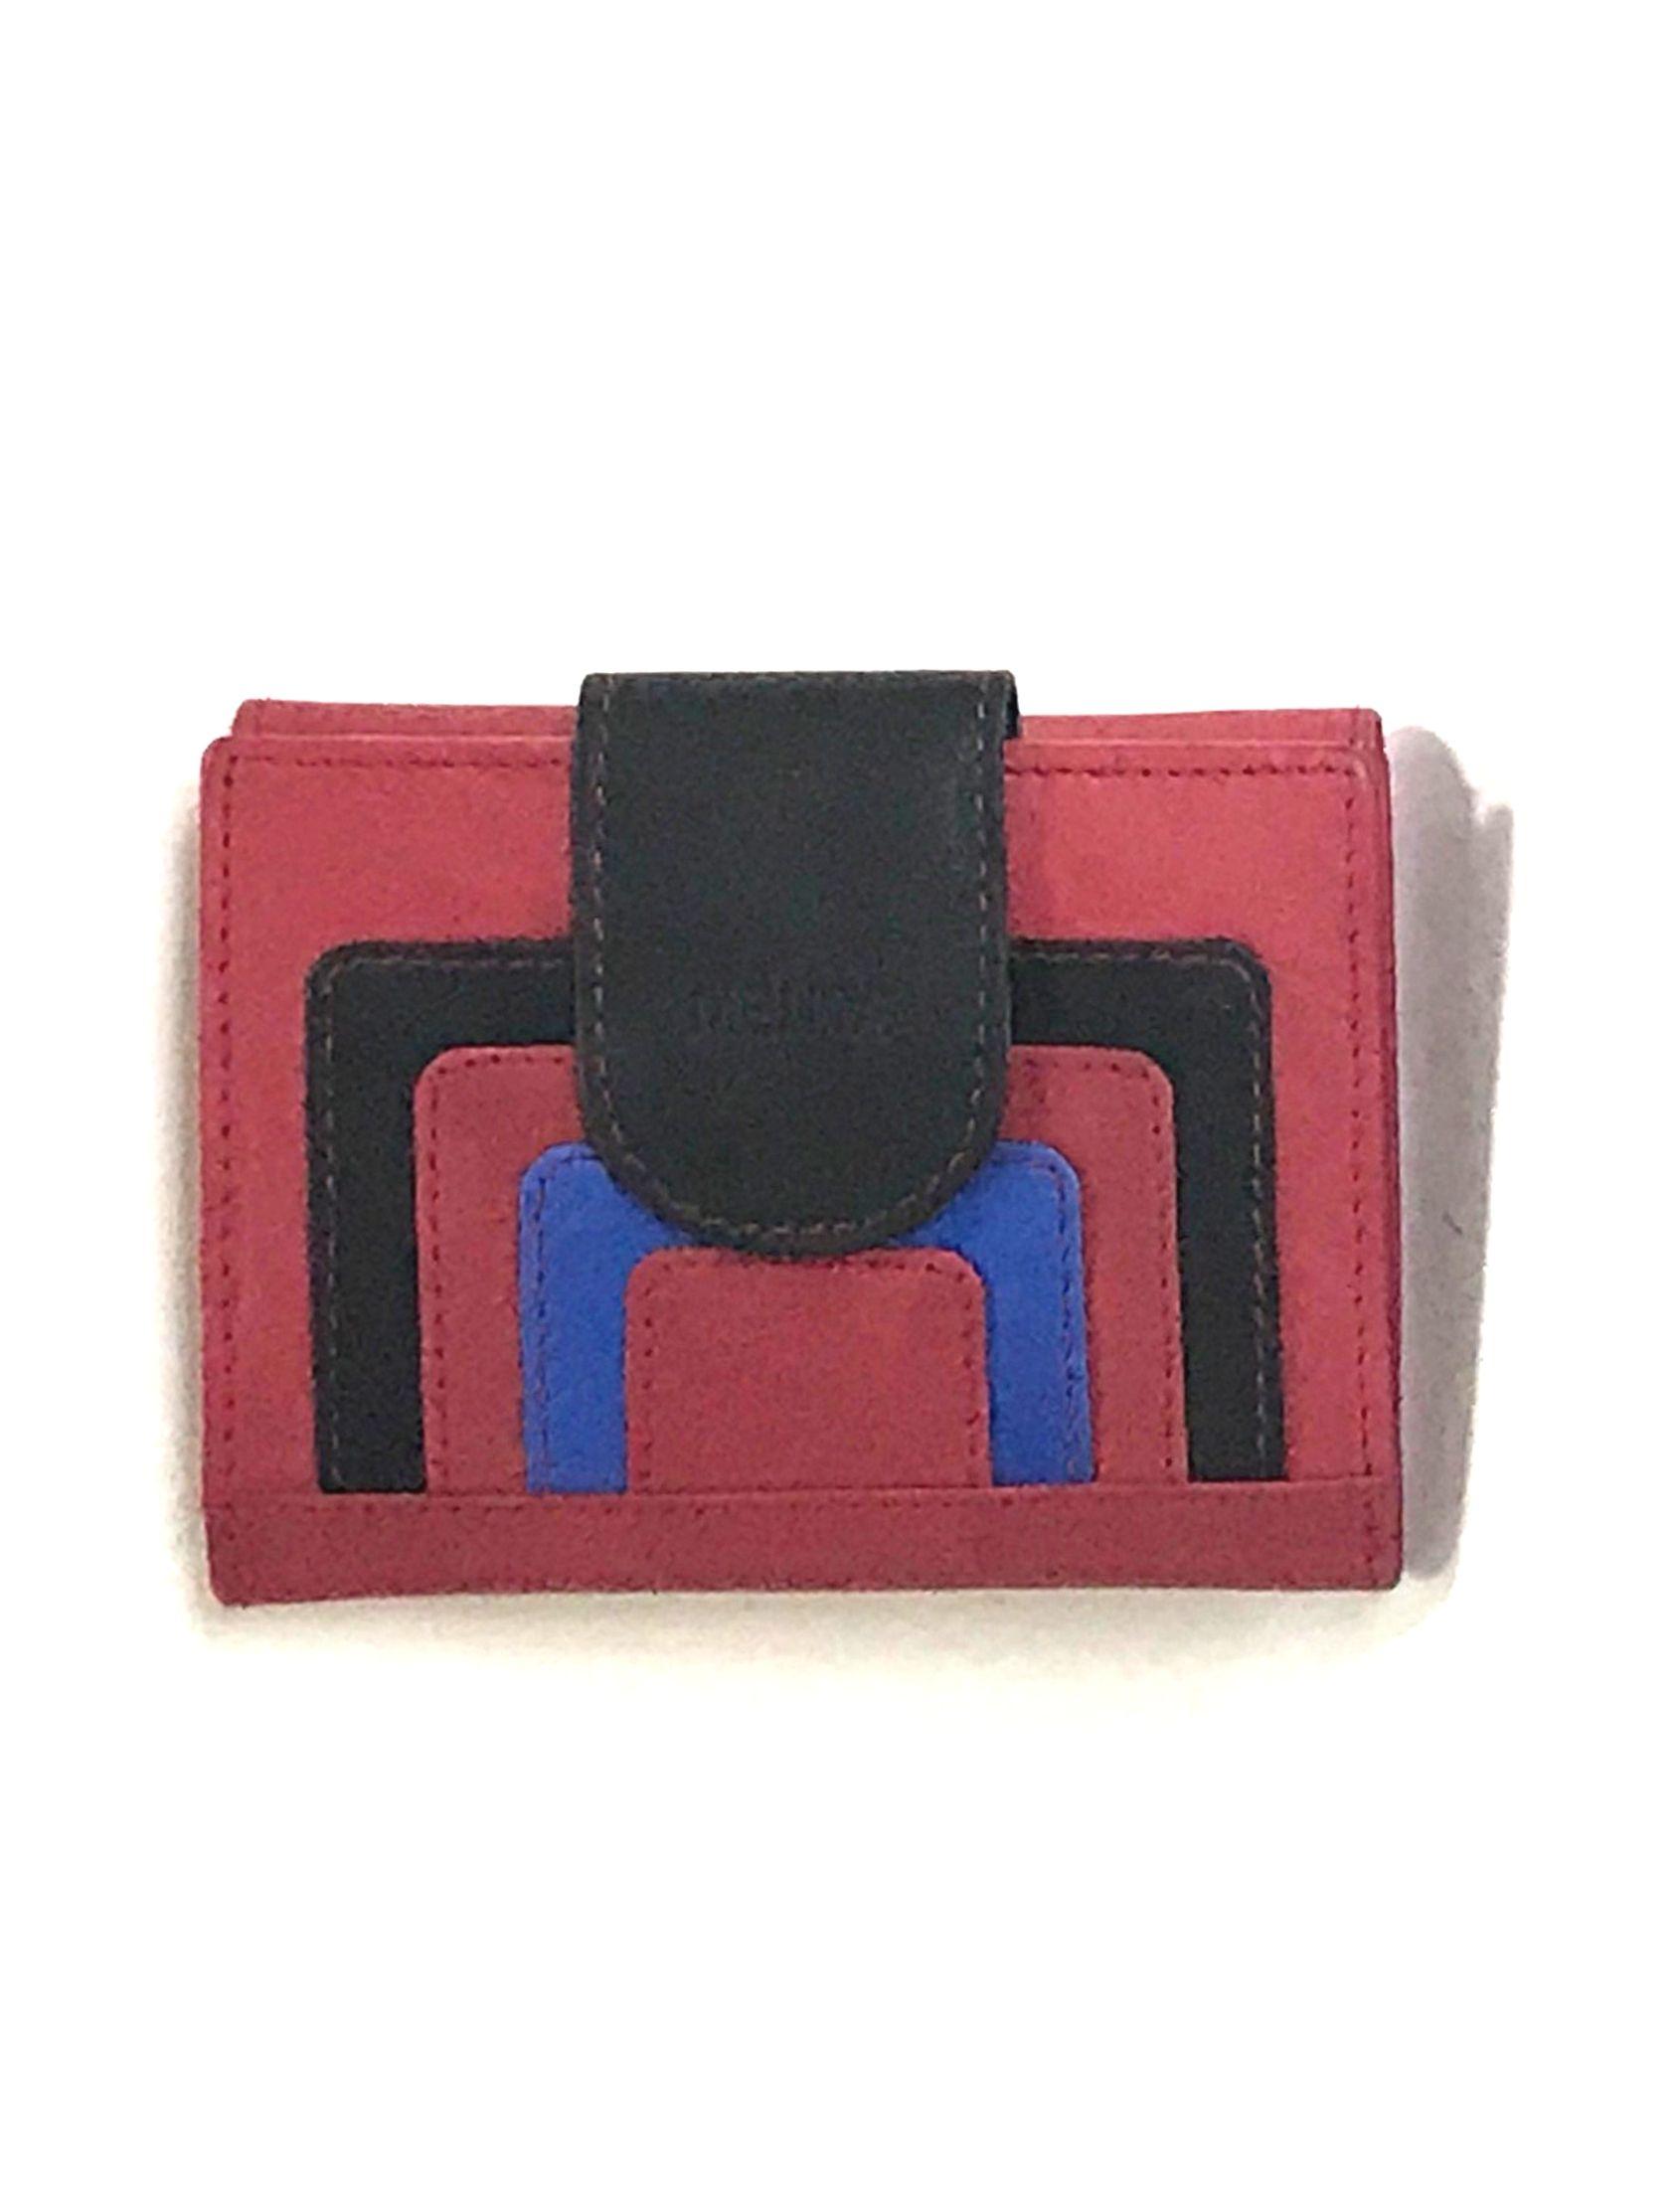 cartera billetera de piel en color rojo combinado con negro y azul de bermejo eulogio